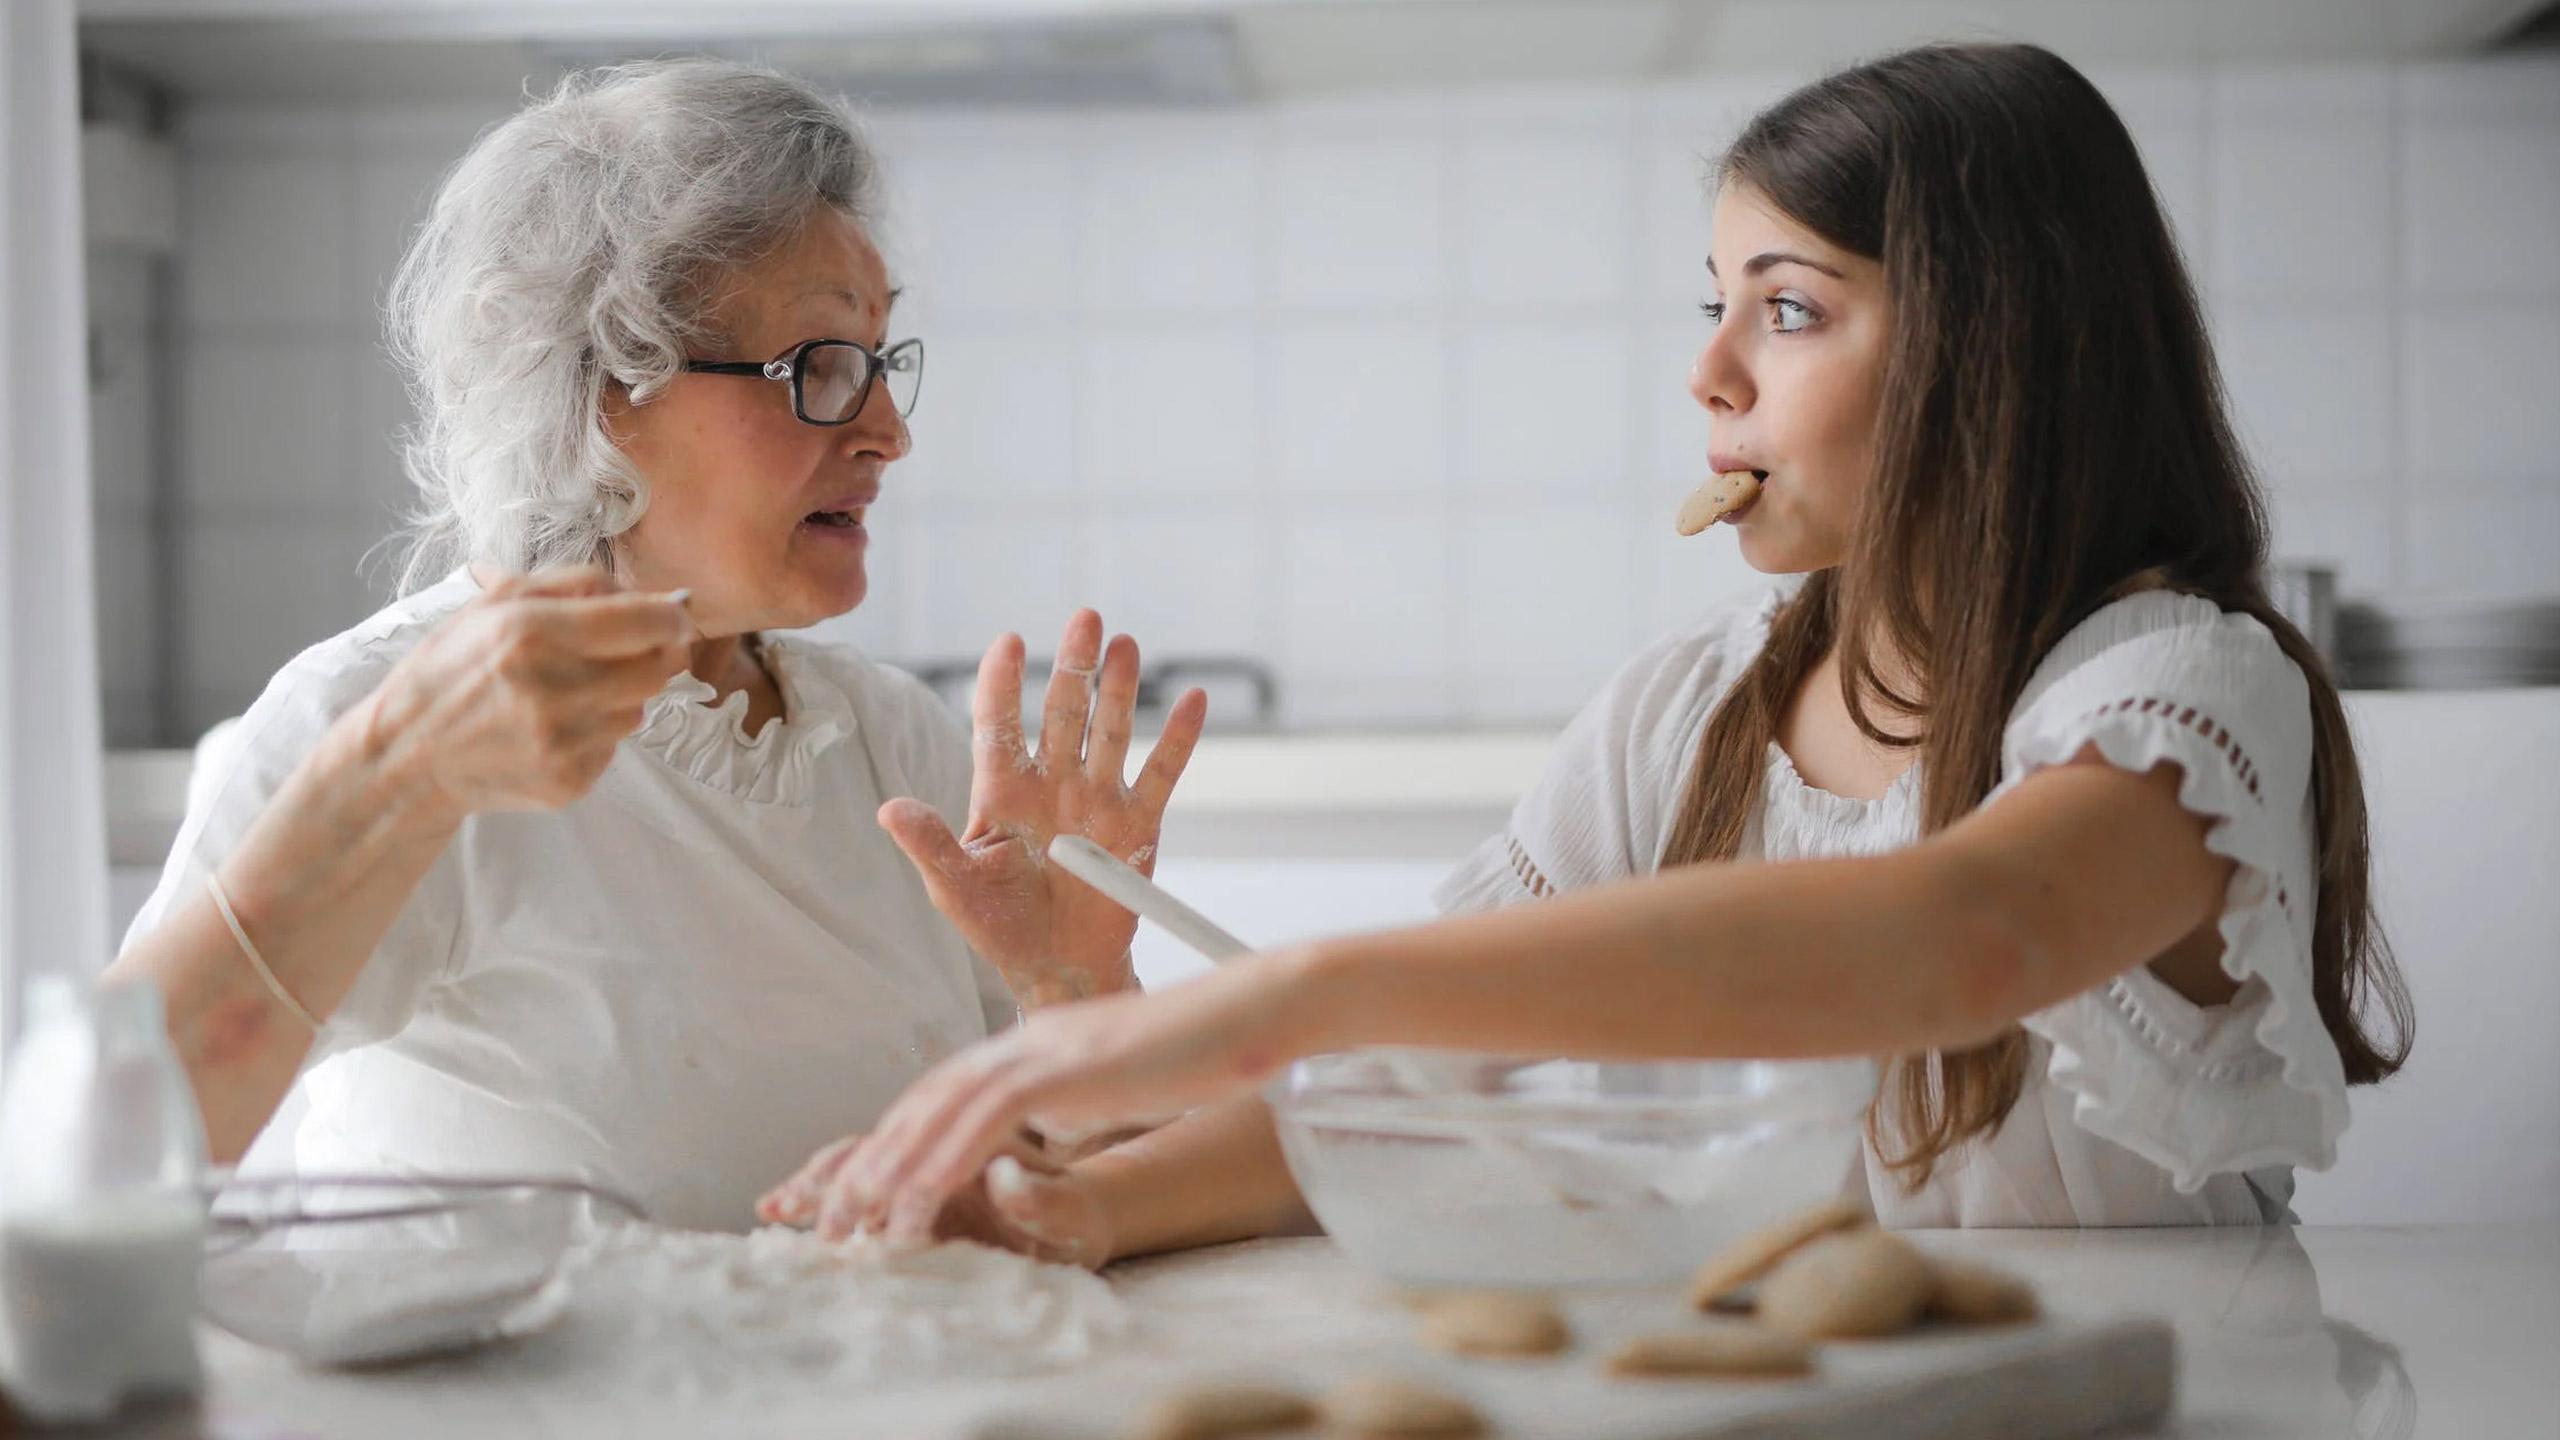 küchenmyten aufgeklärt im küchen staude magazin header